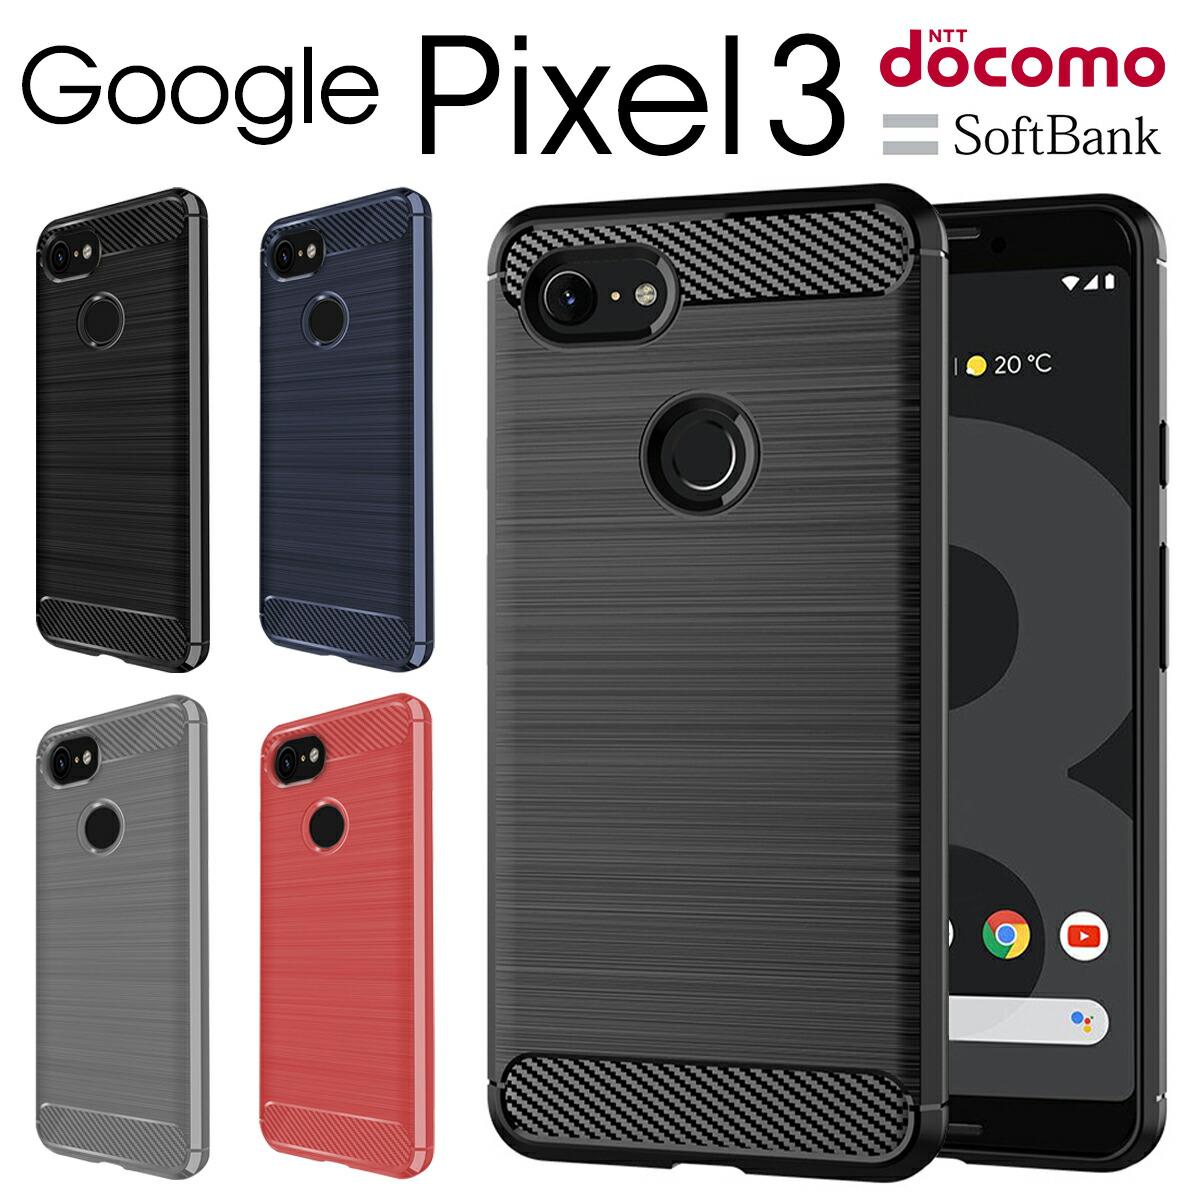 メール便送料無料 カーボン調TPUケース Pixel3 Pixel 3 定価 スマホケース 韓国 ピクセル3 カーボンケース 耐衝撃 スマホカバー おしゃれ 携帯 TPU メンズ 送料無料 Android セール開催中最短即日発送 かっこいい アンドロイド ソフトケース